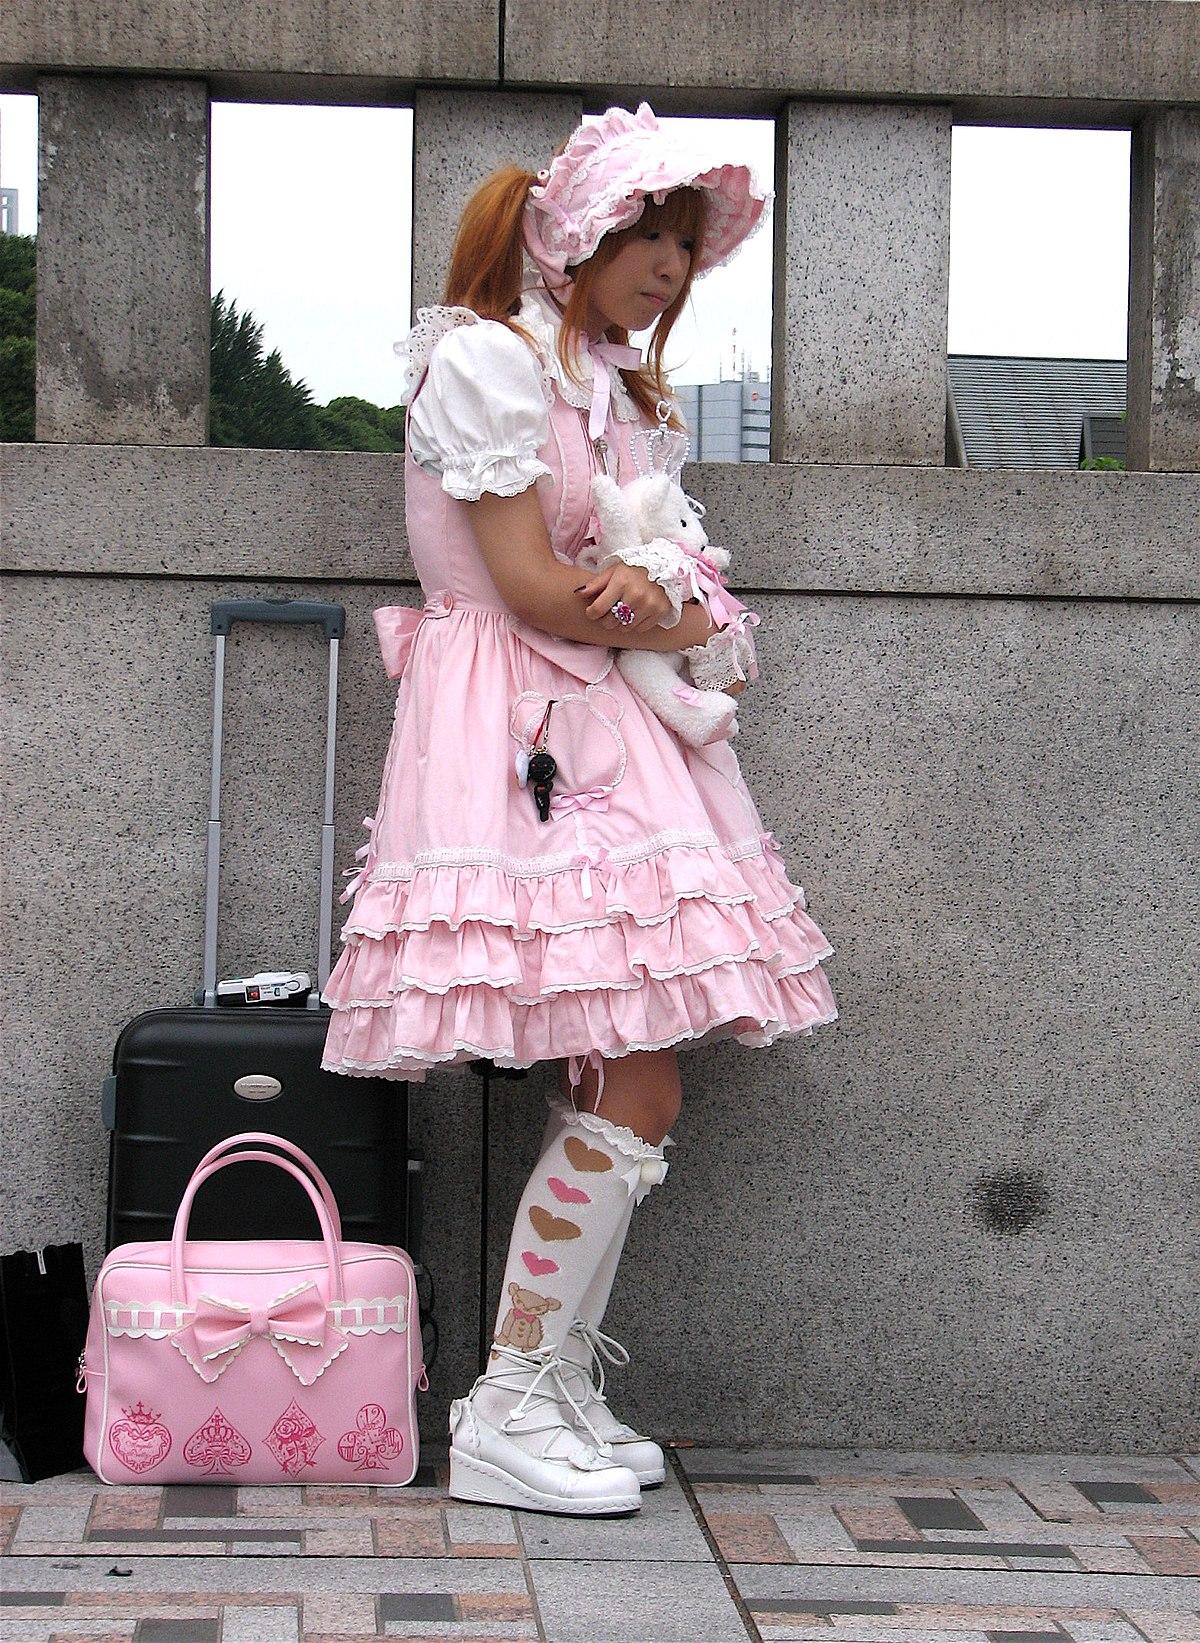 Otome Girl Fashion